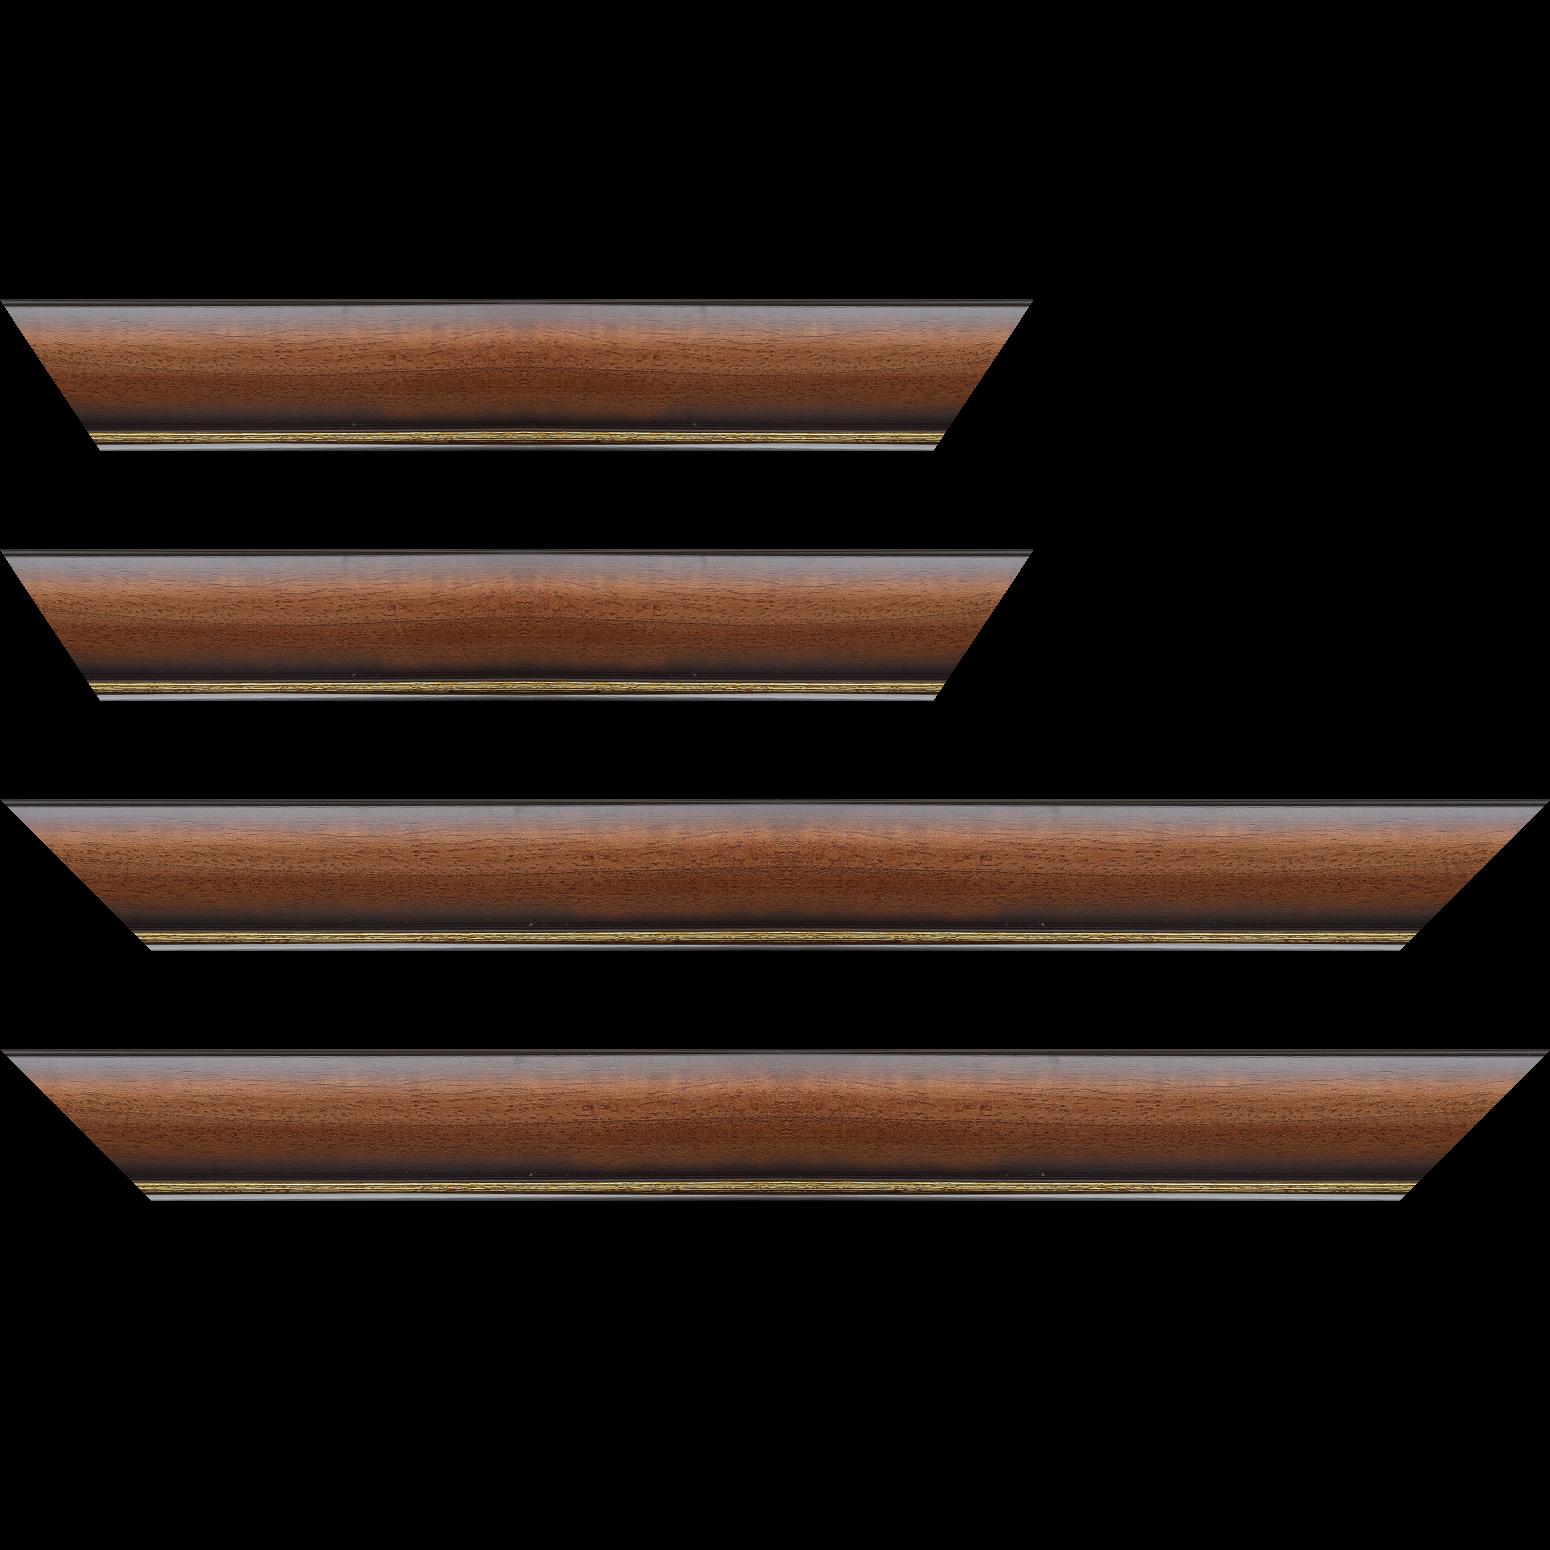 Baguette service précoupé Bois profil arrondi largeur 4.7cm couleur marron rustique filet or